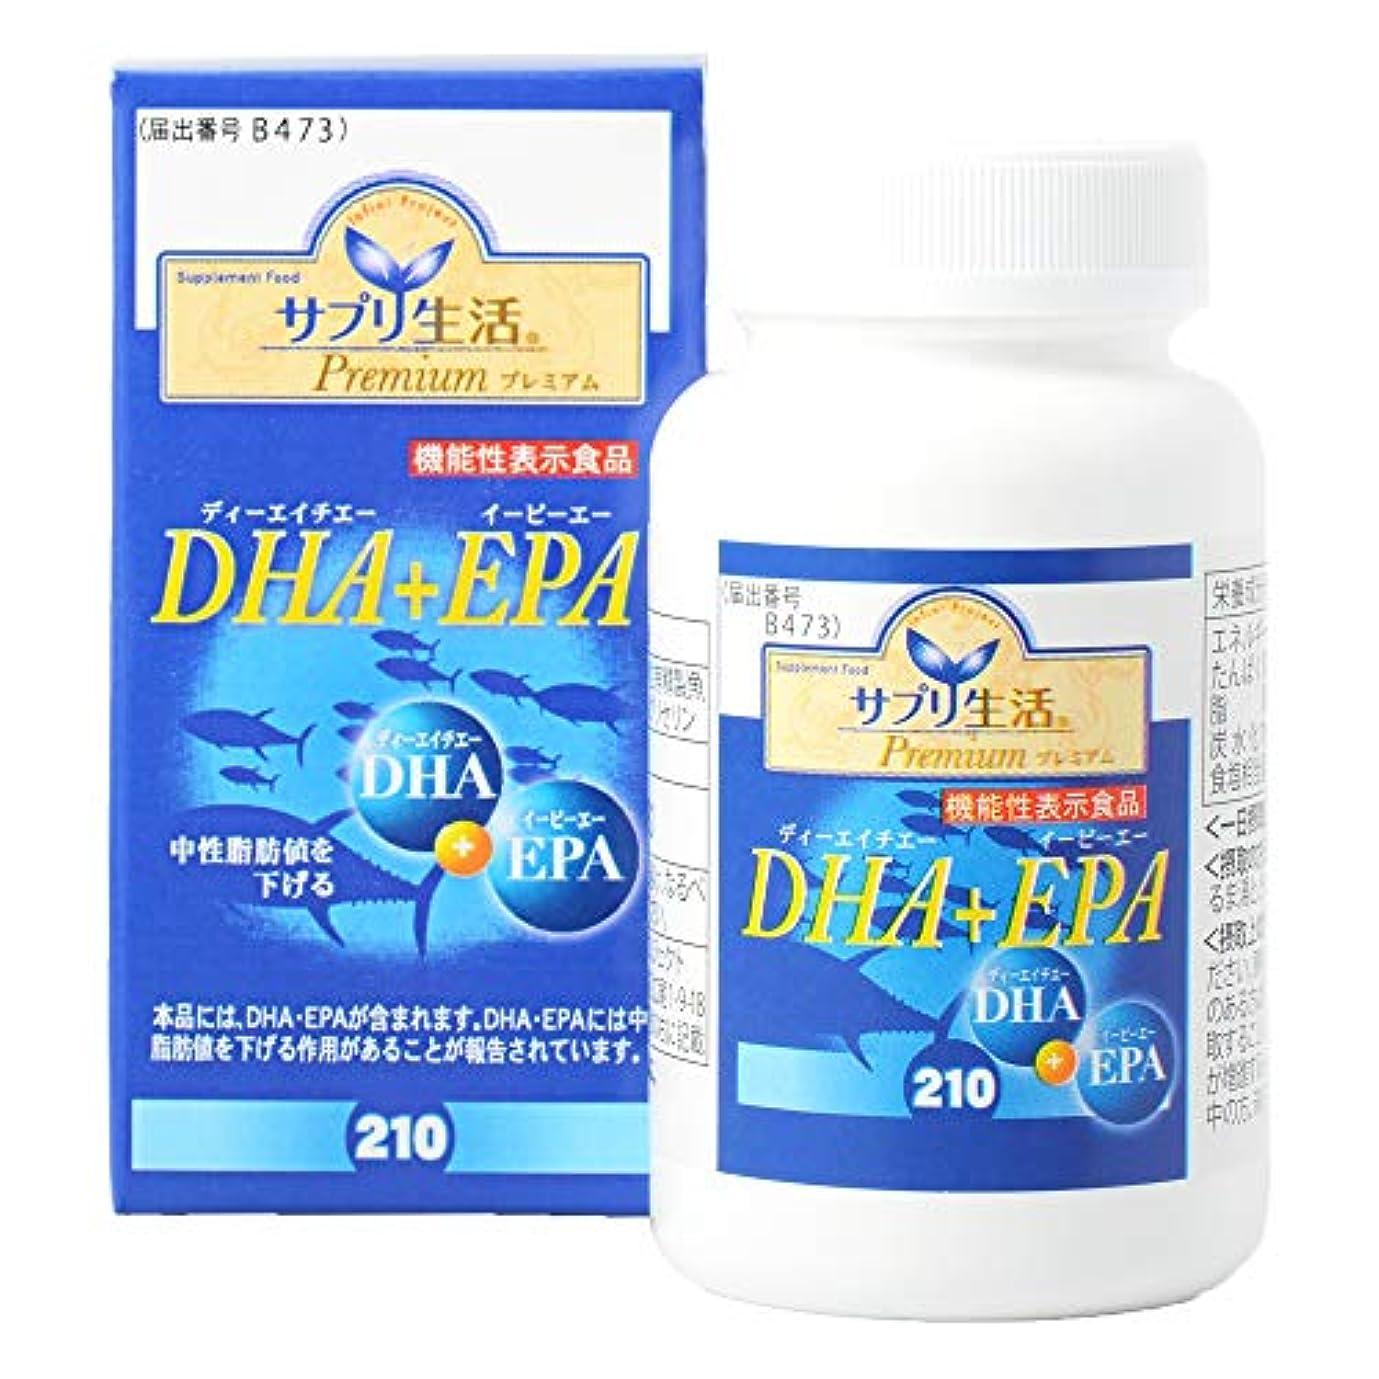 実装する寛大な虫を数えるサプリ生活プレミアム DHA+EPA